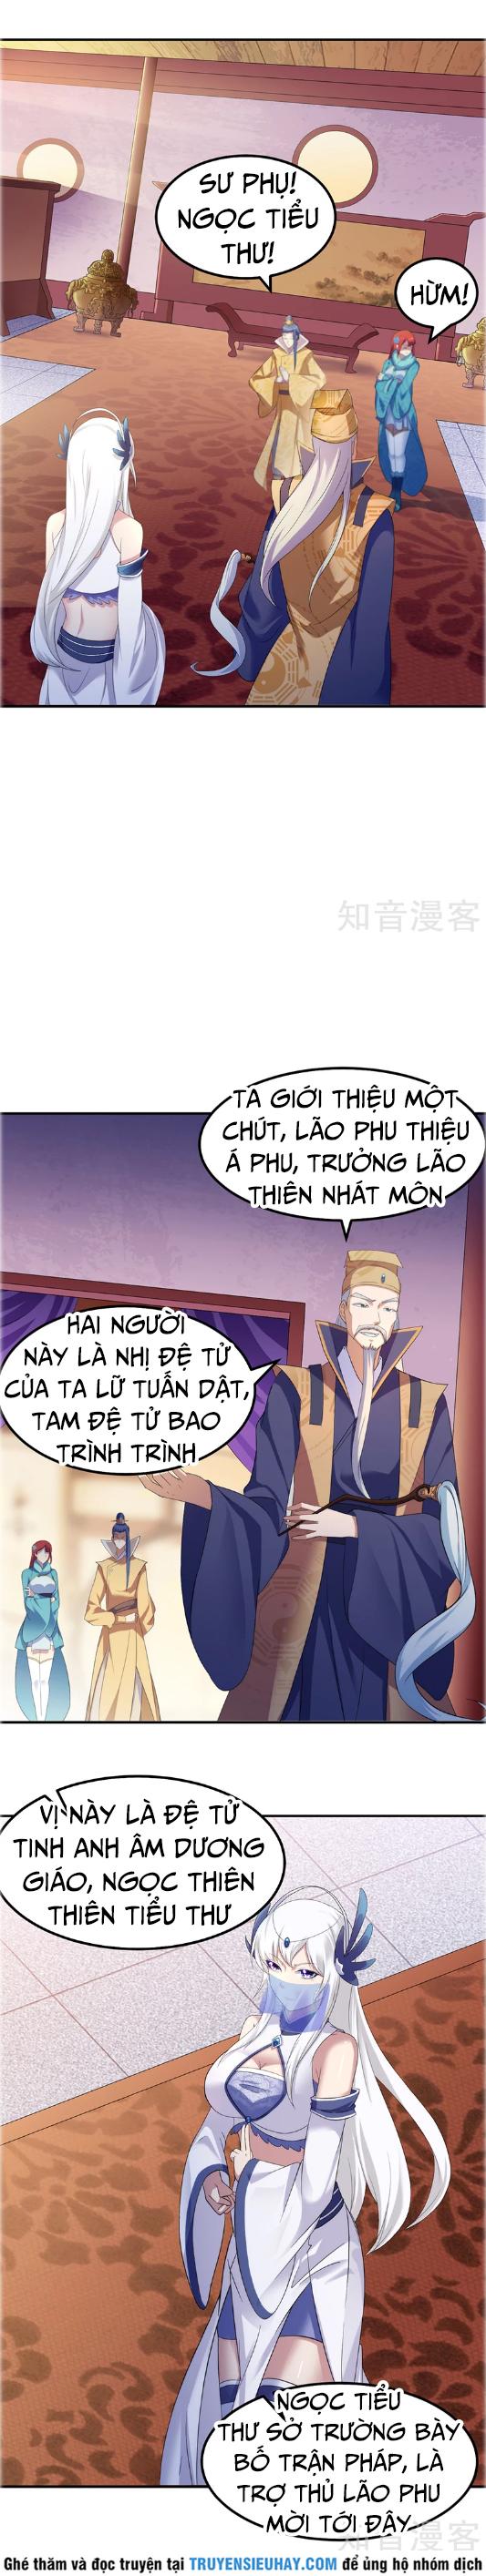 Võ Đạo Độc Tôn Chapter 64 - Hamtruyen.vn